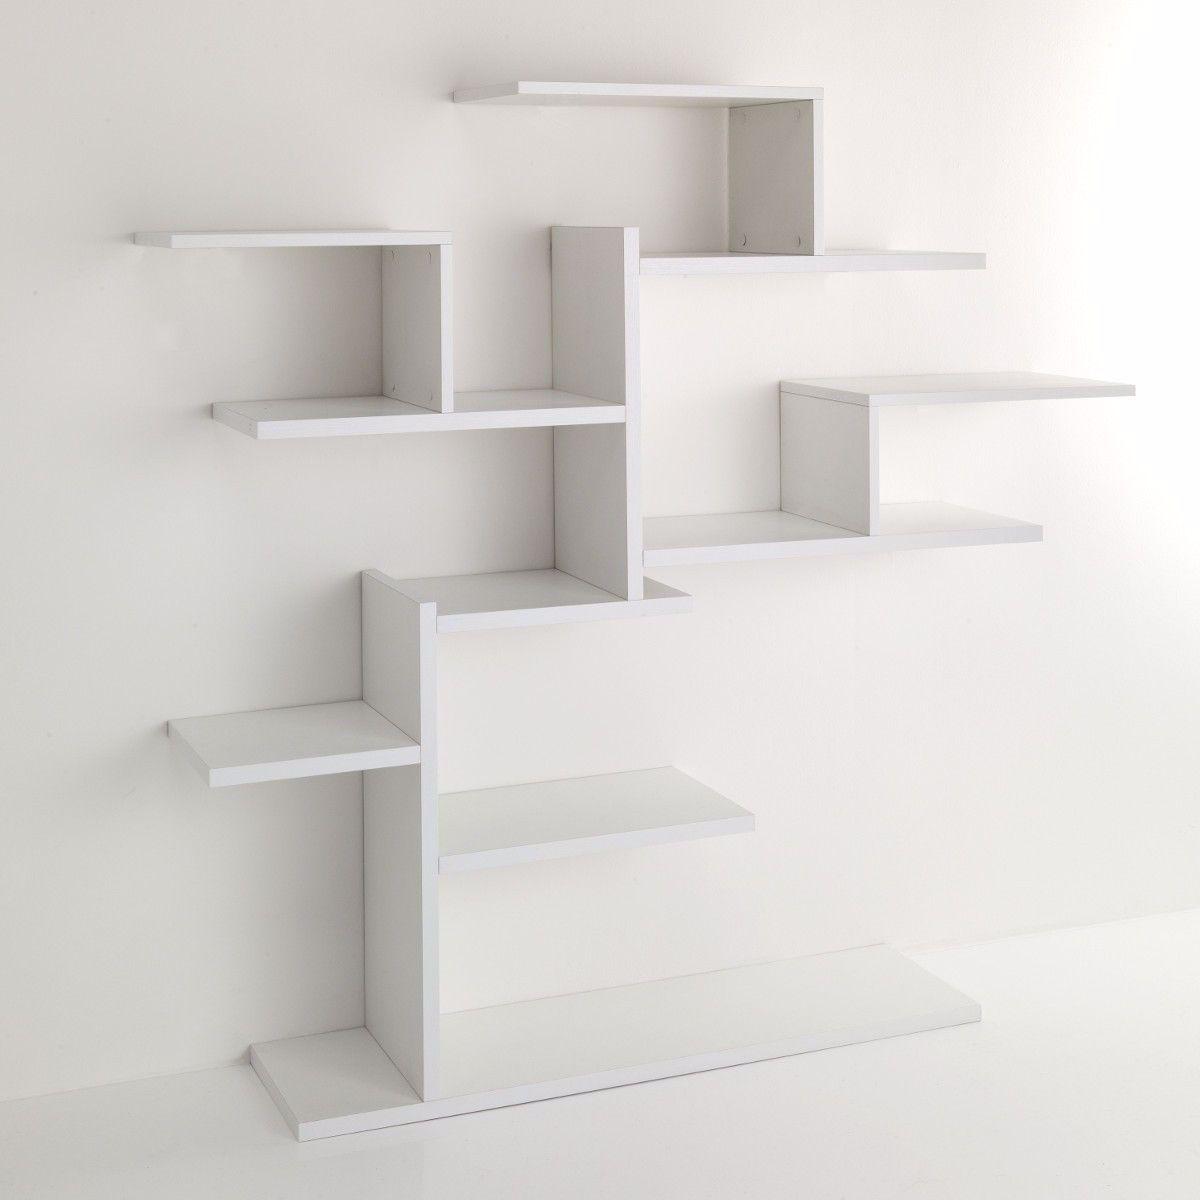 Libreria Da Parete Ikea librerie a parete camera da letto in 2020 | ikea room